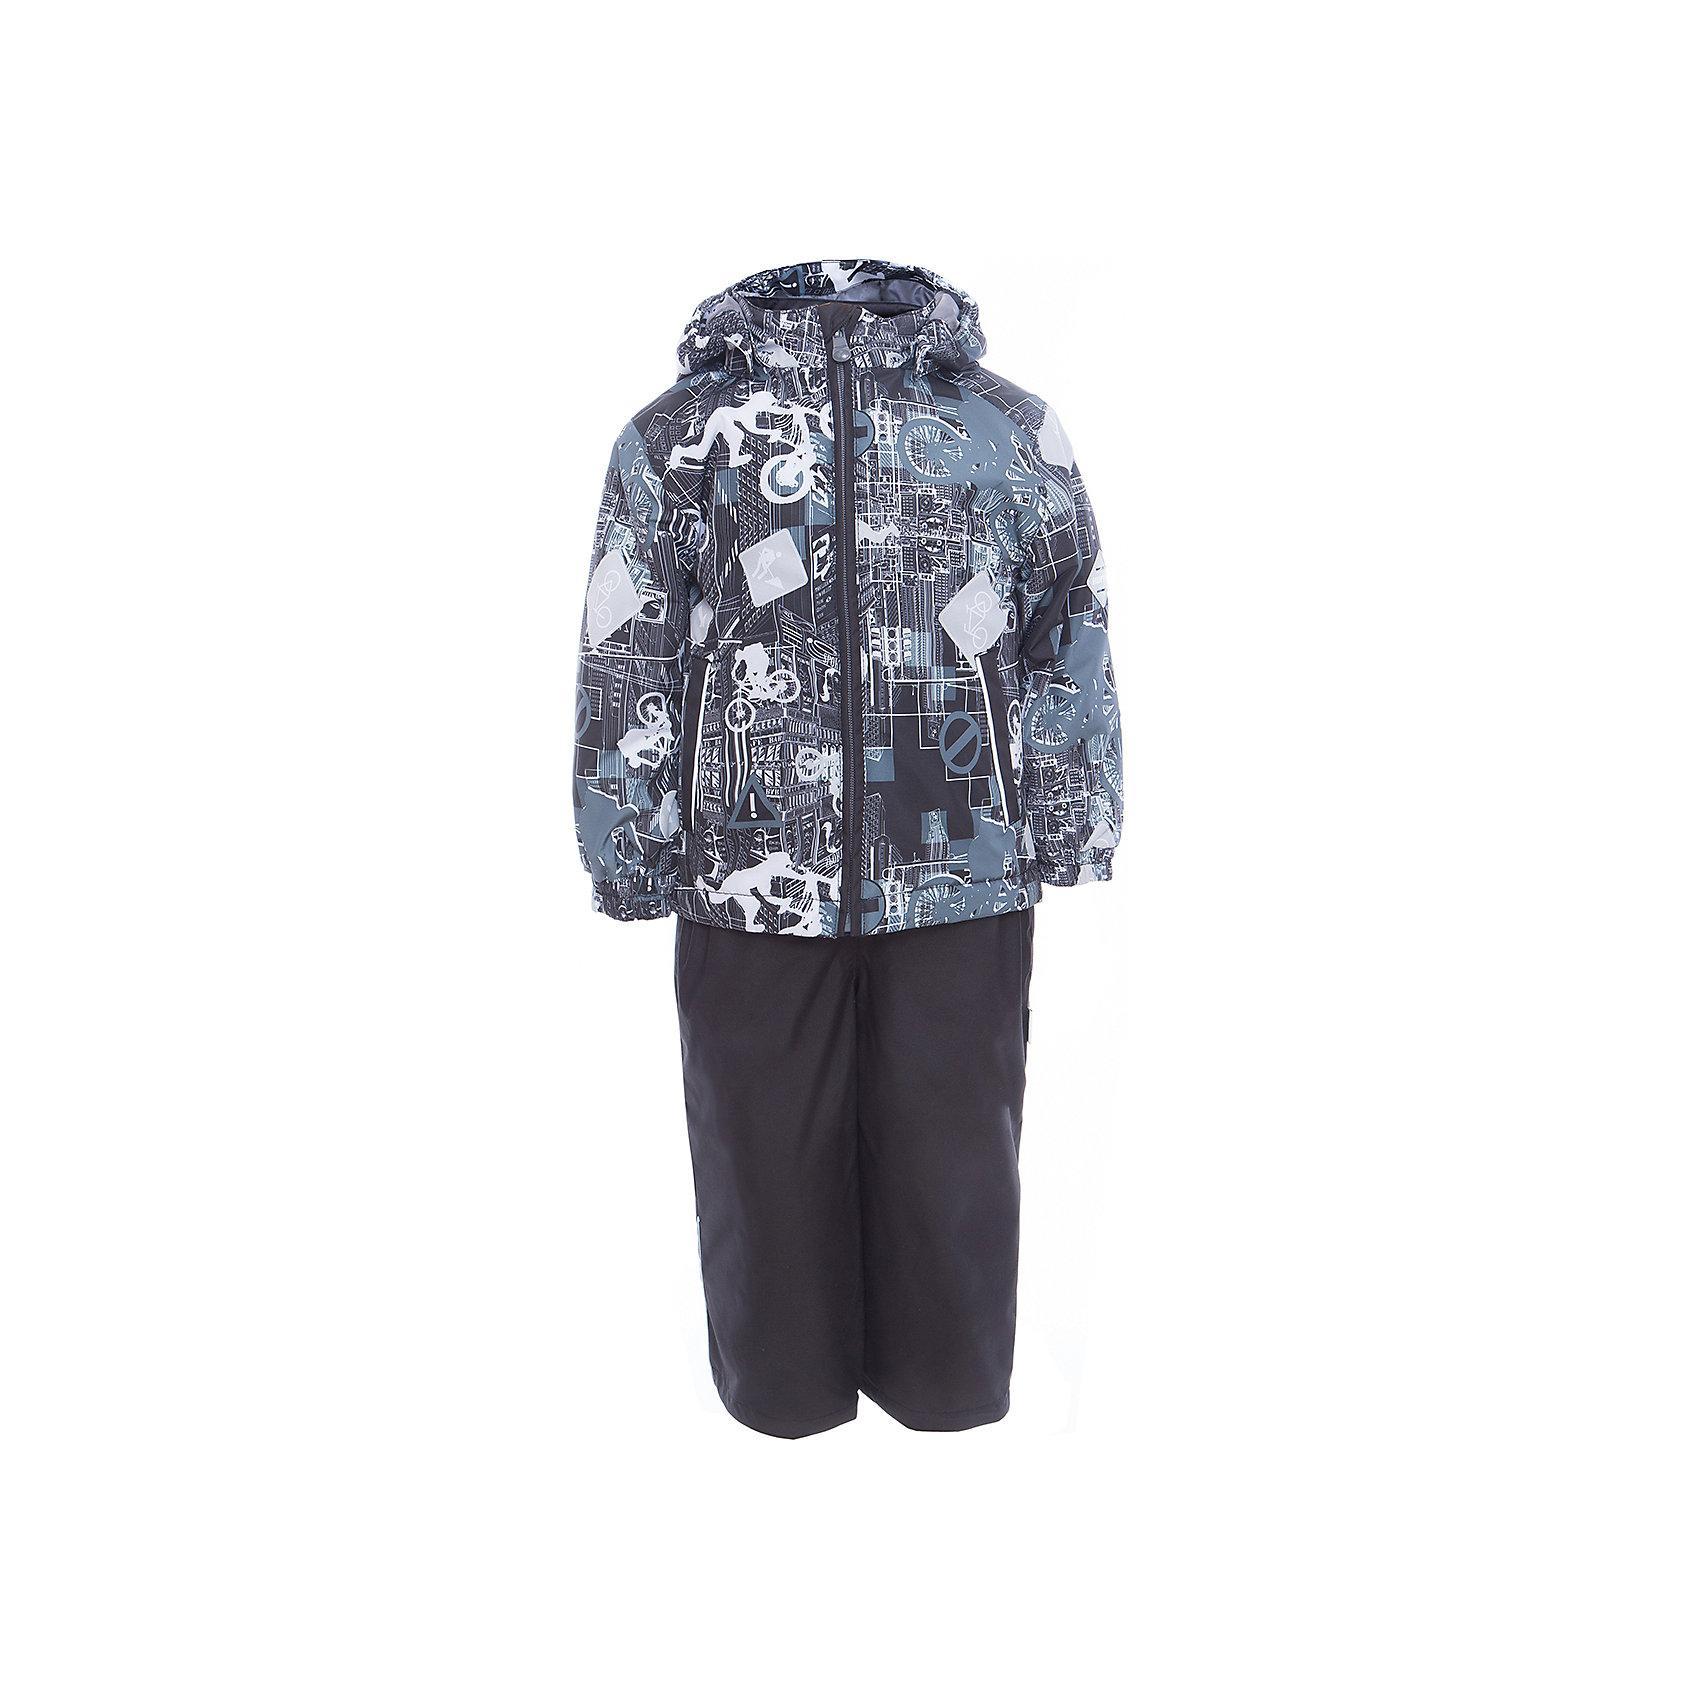 Комплект: куртка и полукомбинезон YOKO для мальчика HuppaВерхняя одежда<br>Характеристики товара:<br><br>• цвет: чёрный принт<br>• комплектация: куртка и полукомбинезон <br>• ткань: 100% полиэстер<br>• подкладка: тафта - 100% полиэстер<br>• утеплитель: в куртке и в брюках - 100% полиэстер 100 г<br>• температурный режим: от -5°С до +10°С<br>• водонепроницаемость: 10000 мм<br>• воздухопроницаемость: 10000 мм<br>• светоотражающие детали<br>• шов сидения проклеен<br>• эластичный шнур по низу куртки<br>• эластичный шнур с фиксатором внизу брючин<br>• съёмный капюшон с резинкой<br>• эластичные манжеты рукавов<br>• регулируемые низы брючин<br>• без внутренних швов<br>• резиновые подтяжки<br>• коллекция: весна-лето 2017<br>• страна бренда: Эстония<br><br>Такой модный демисезонный комплект  обеспечит детям тепло и комфорт. Он сделан из материала, отталкивающего воду, и дополнен подкладкой с утеплителем, поэтому изделие идеально подходит для межсезонья. Материал изделий - с мембранной технологией: защищая от влаги и ветра, он легко выводит лишнюю влагу наружу. Комплект очень симпатично смотрится. <br><br>Одежда и обувь от популярного эстонского бренда Huppa - отличный вариант одеть ребенка можно и комфортно. Вещи, выпускаемые компанией, качественные, продуманные и очень удобные. Для производства изделий используются только безопасные для детей материалы. Продукция от Huppa порадует и детей, и их родителей!<br><br>Комплект: куртка и полукомбинезон YOKO от бренда Huppa (Хуппа) можно купить в нашем интернет-магазине.<br><br>Ширина мм: 356<br>Глубина мм: 10<br>Высота мм: 245<br>Вес г: 519<br>Цвет: черный<br>Возраст от месяцев: 72<br>Возраст до месяцев: 84<br>Пол: Мужской<br>Возраст: Детский<br>Размер: 122,92,98,104,110,116<br>SKU: 5346760